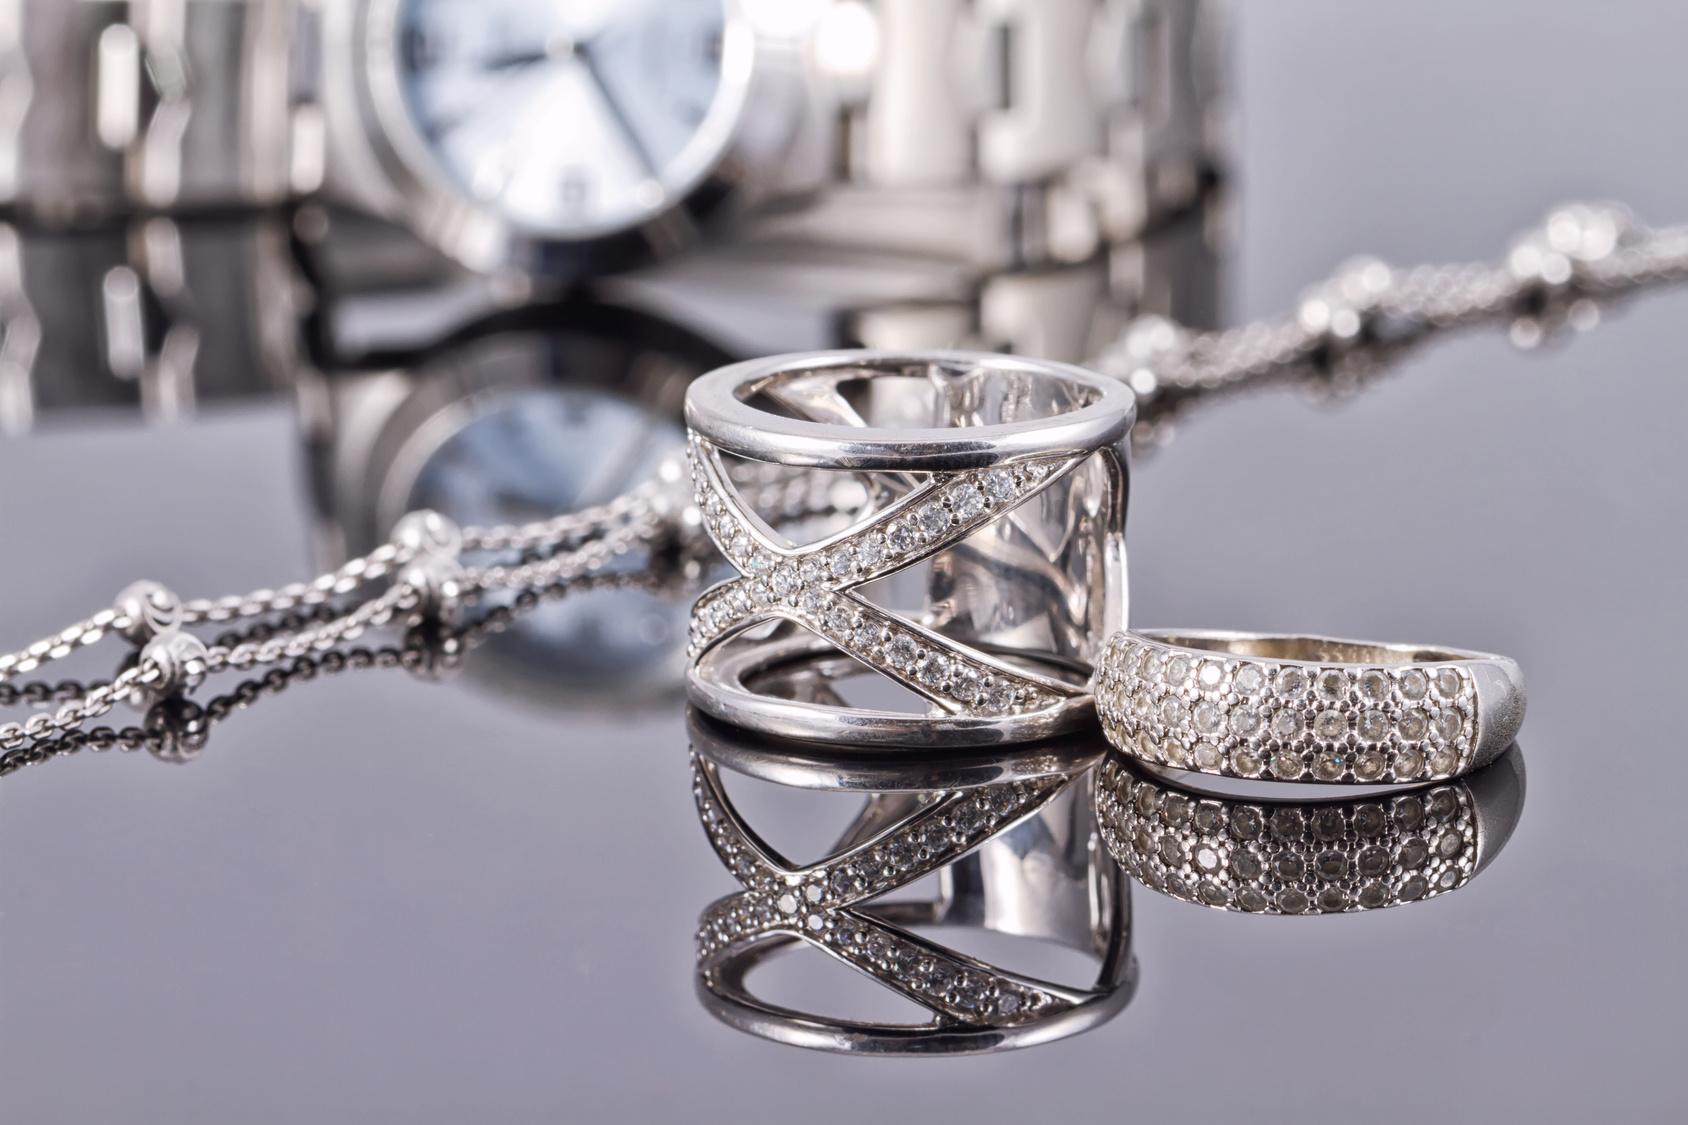 Klasse , Eleganz , Raffinesse mit stilvollen Silber Schmuck